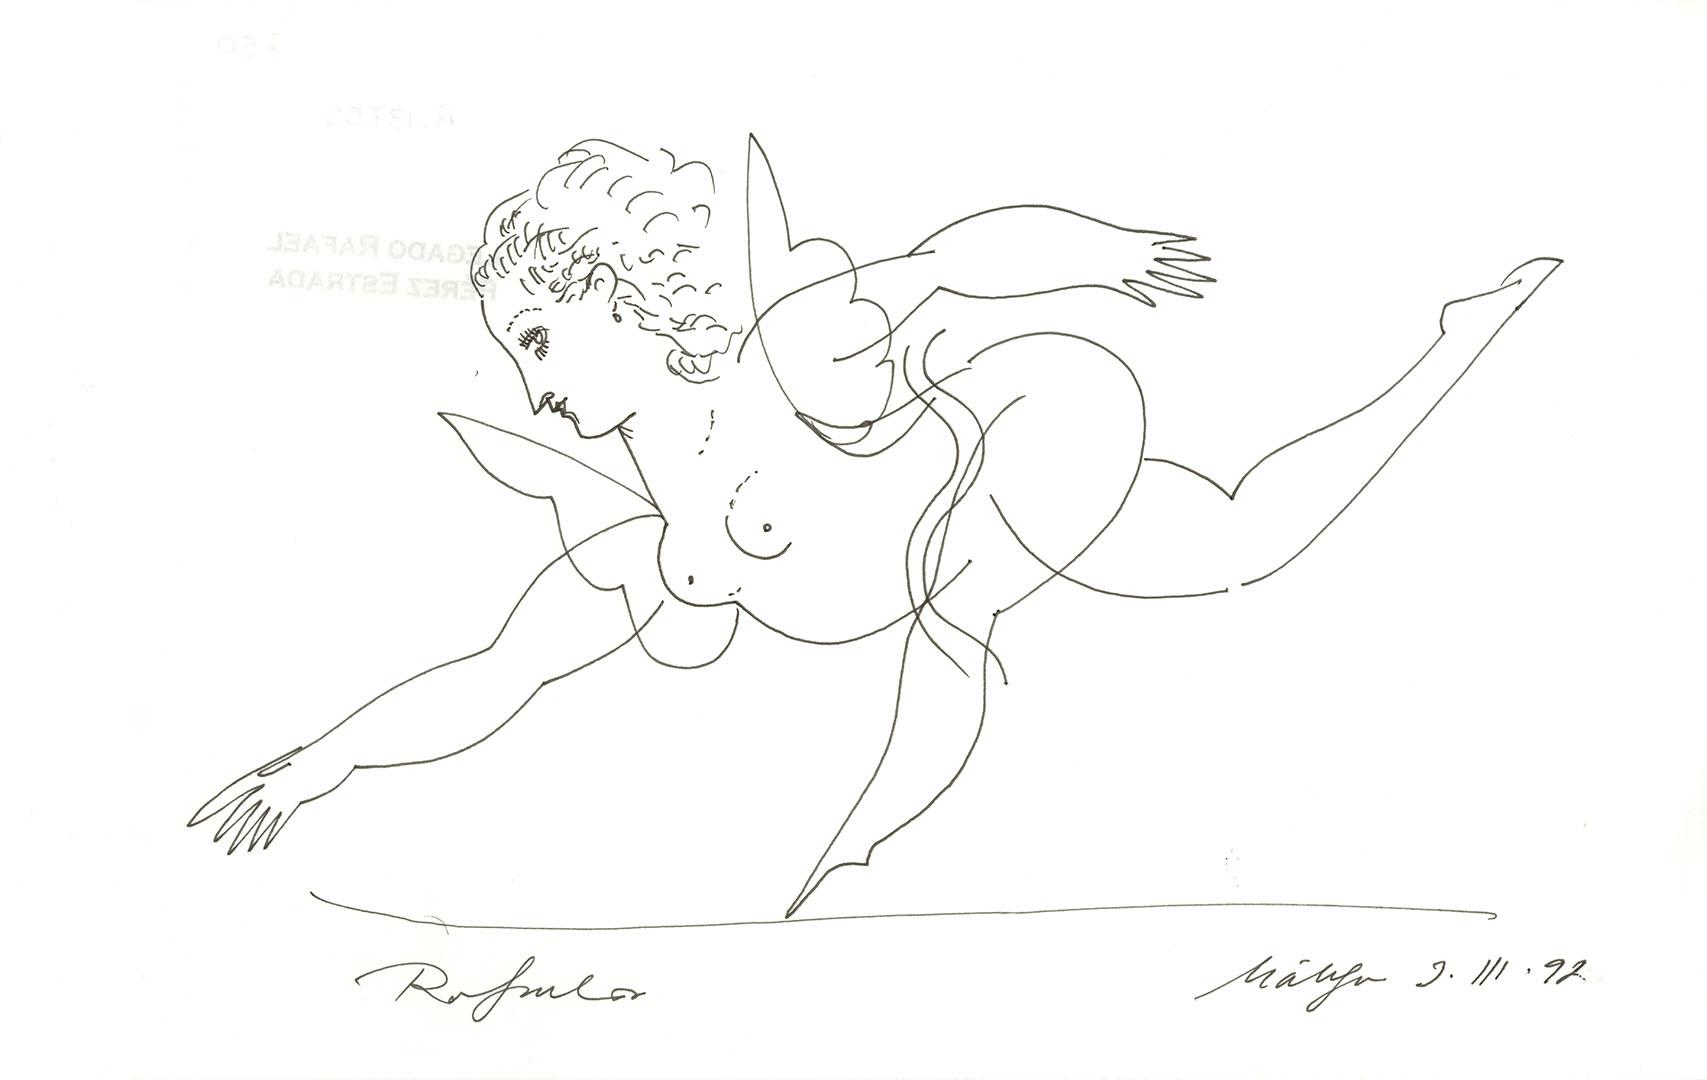 1992 - Dibujo de una mujer desnuda con alas y una pierna levantada<div style='clear:both;width:100%;height:0px;'></div><span class='cat'>Dibujos, Drawings</span>